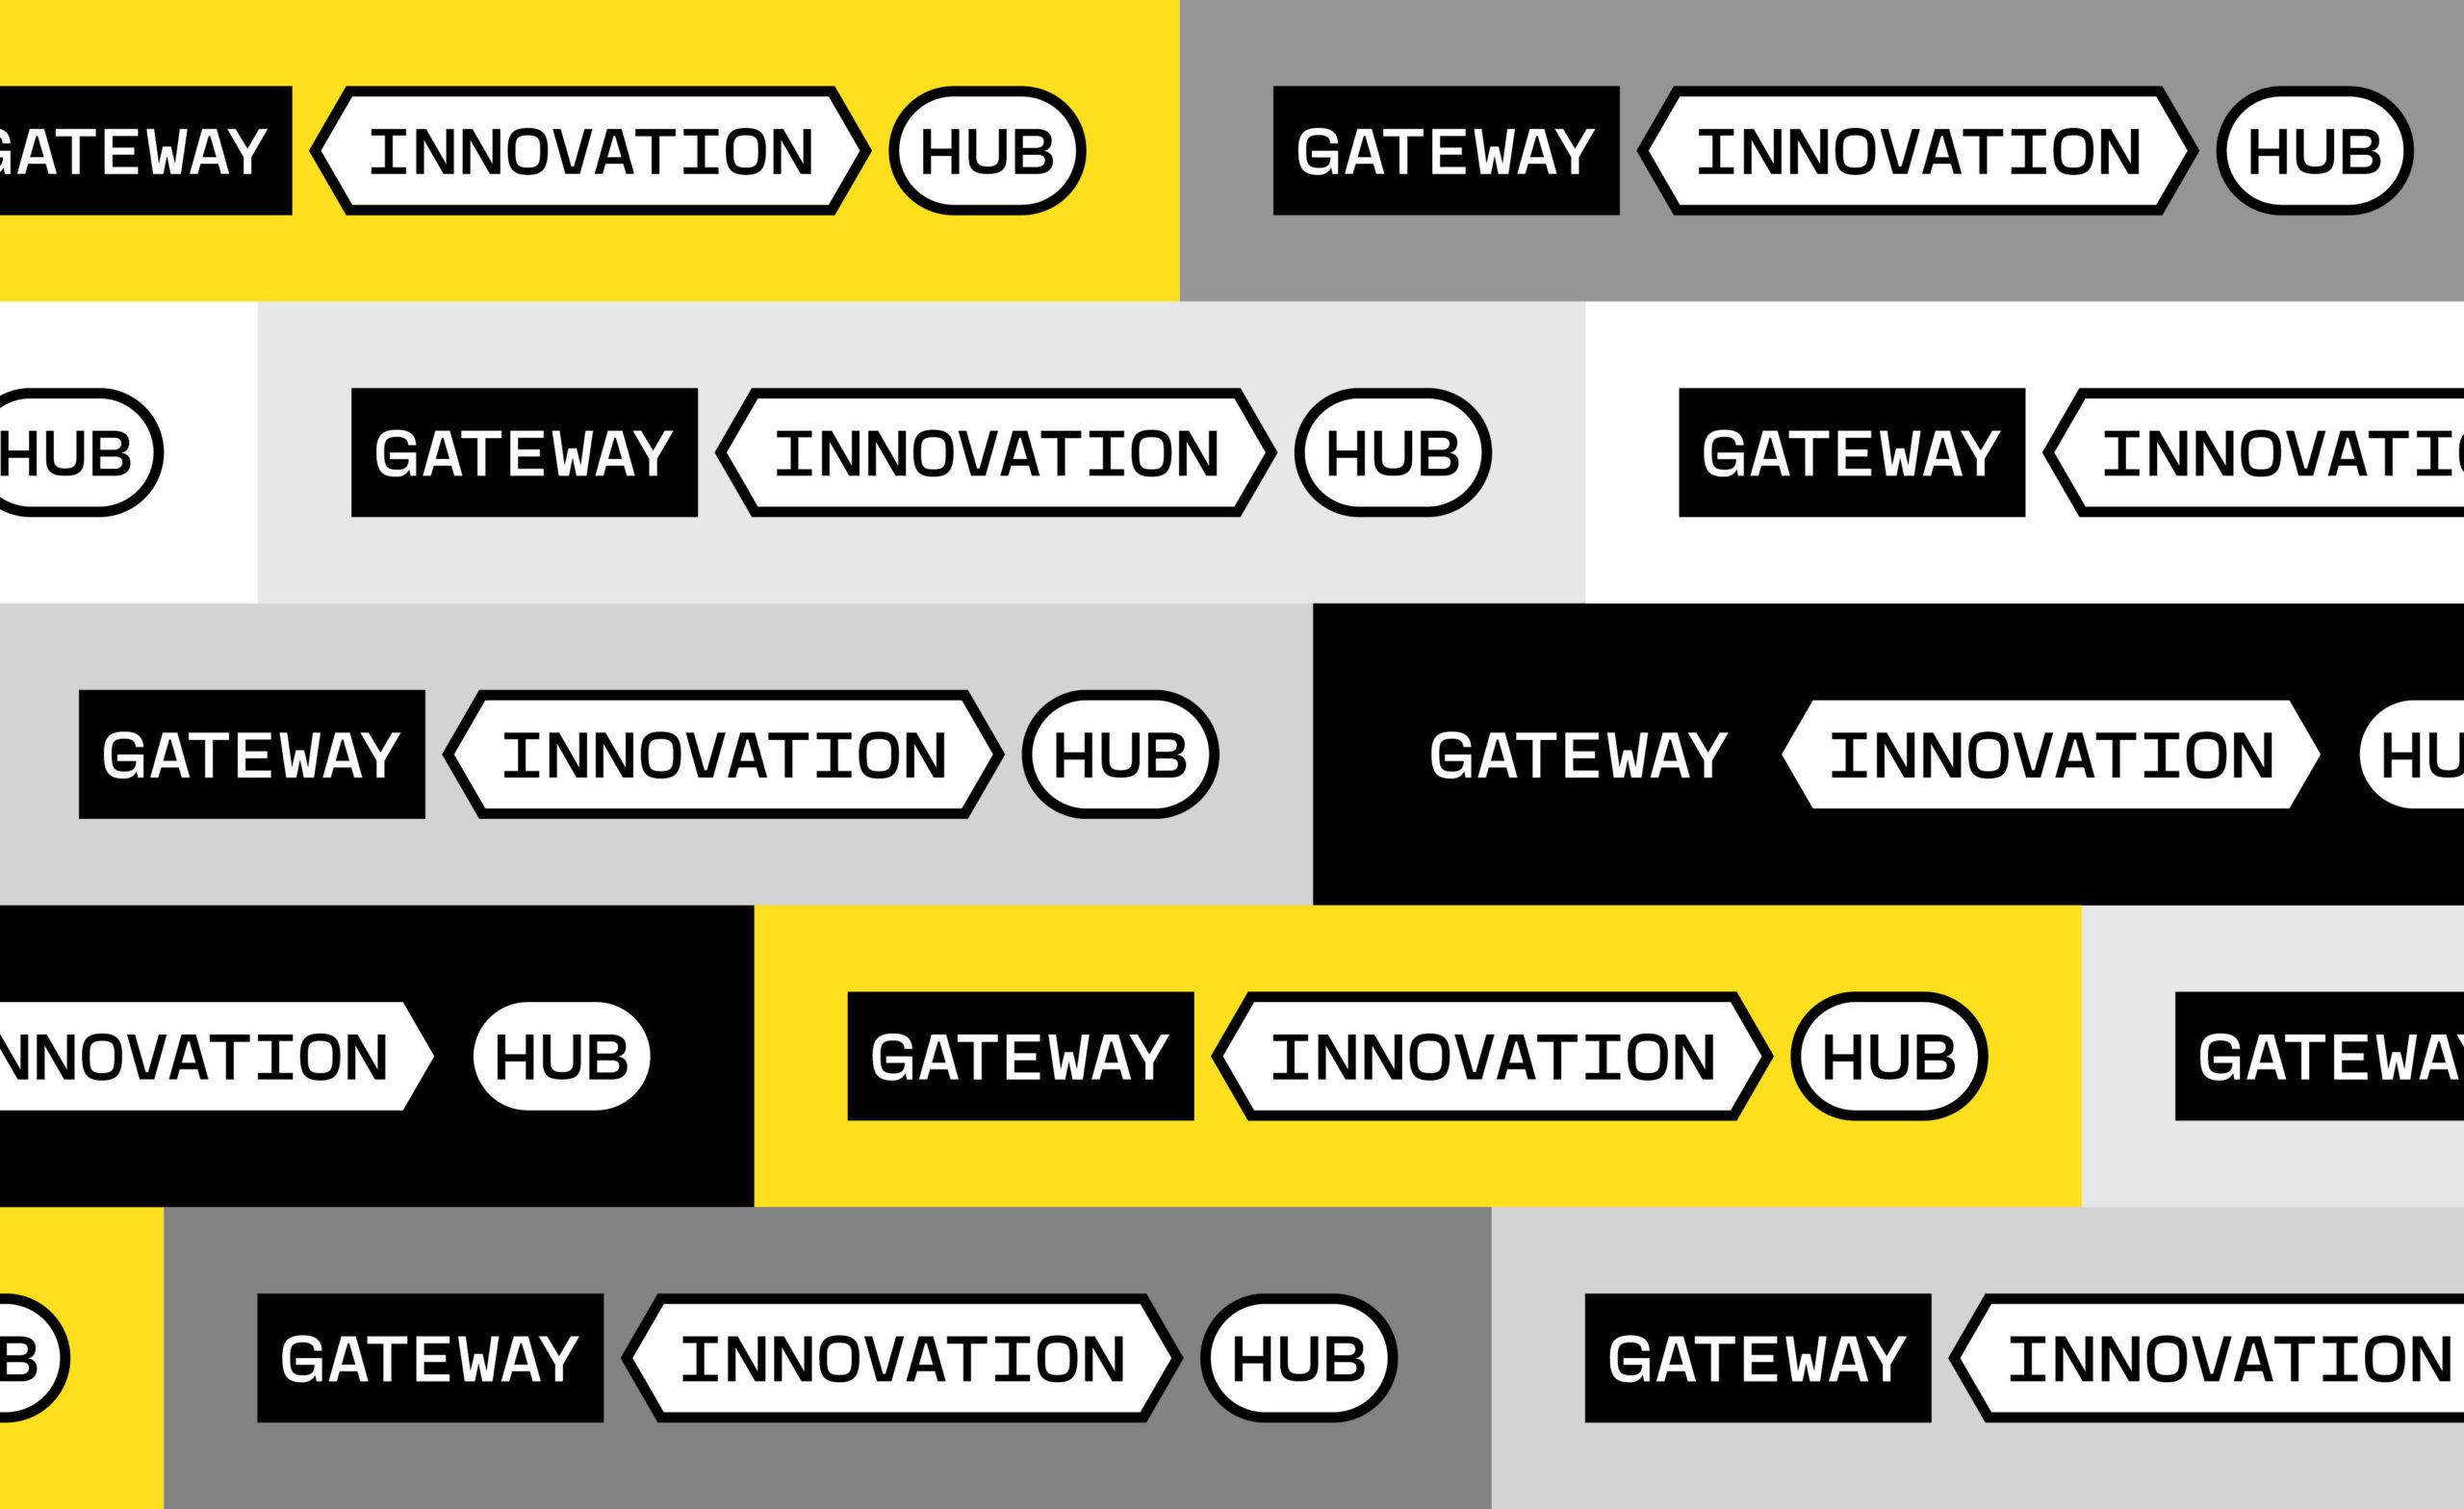 Gateway Innovation Hub